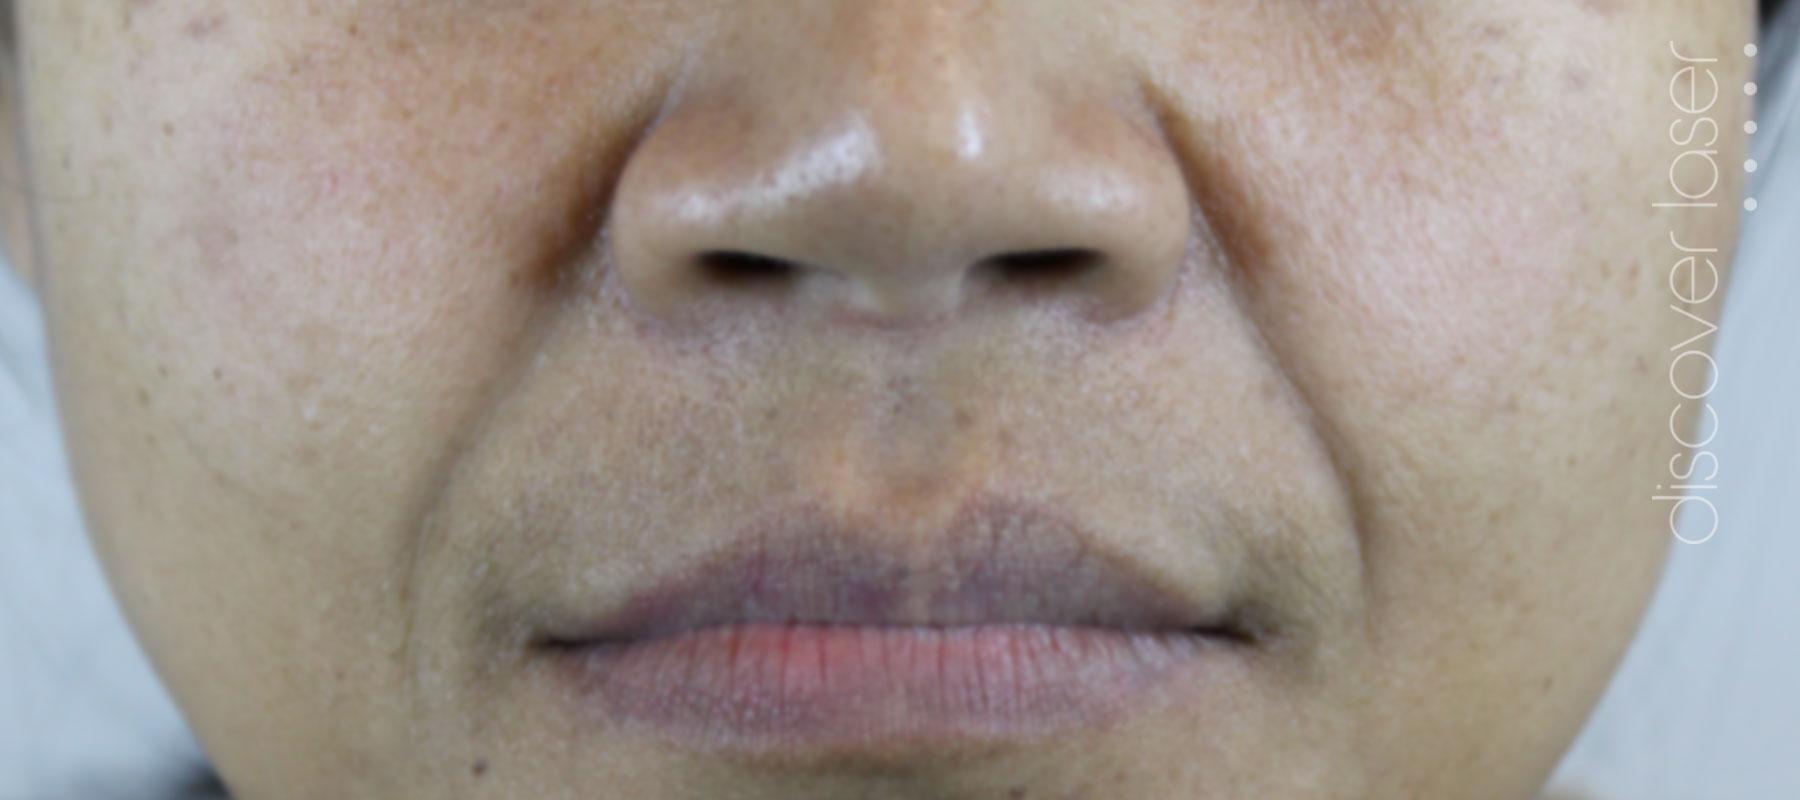 Dermal fillers nasal labial folds before